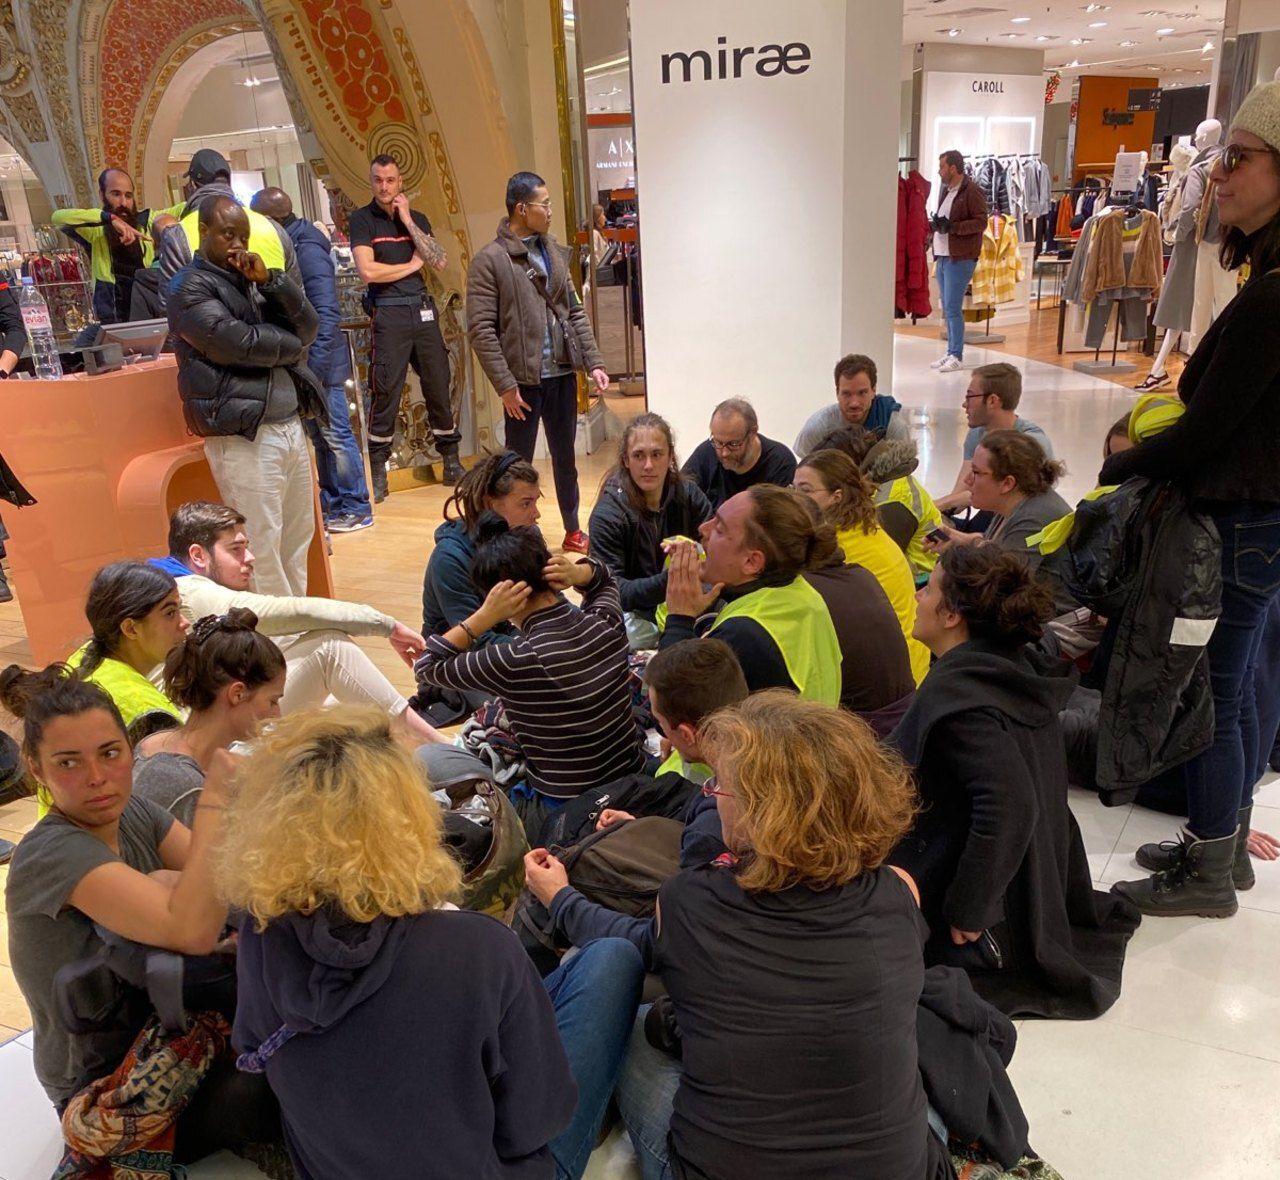 Gilets jaunes : après l'intrusion de manifestants, les Galeries Lafayette évacuées puis fermées – Le Parisien